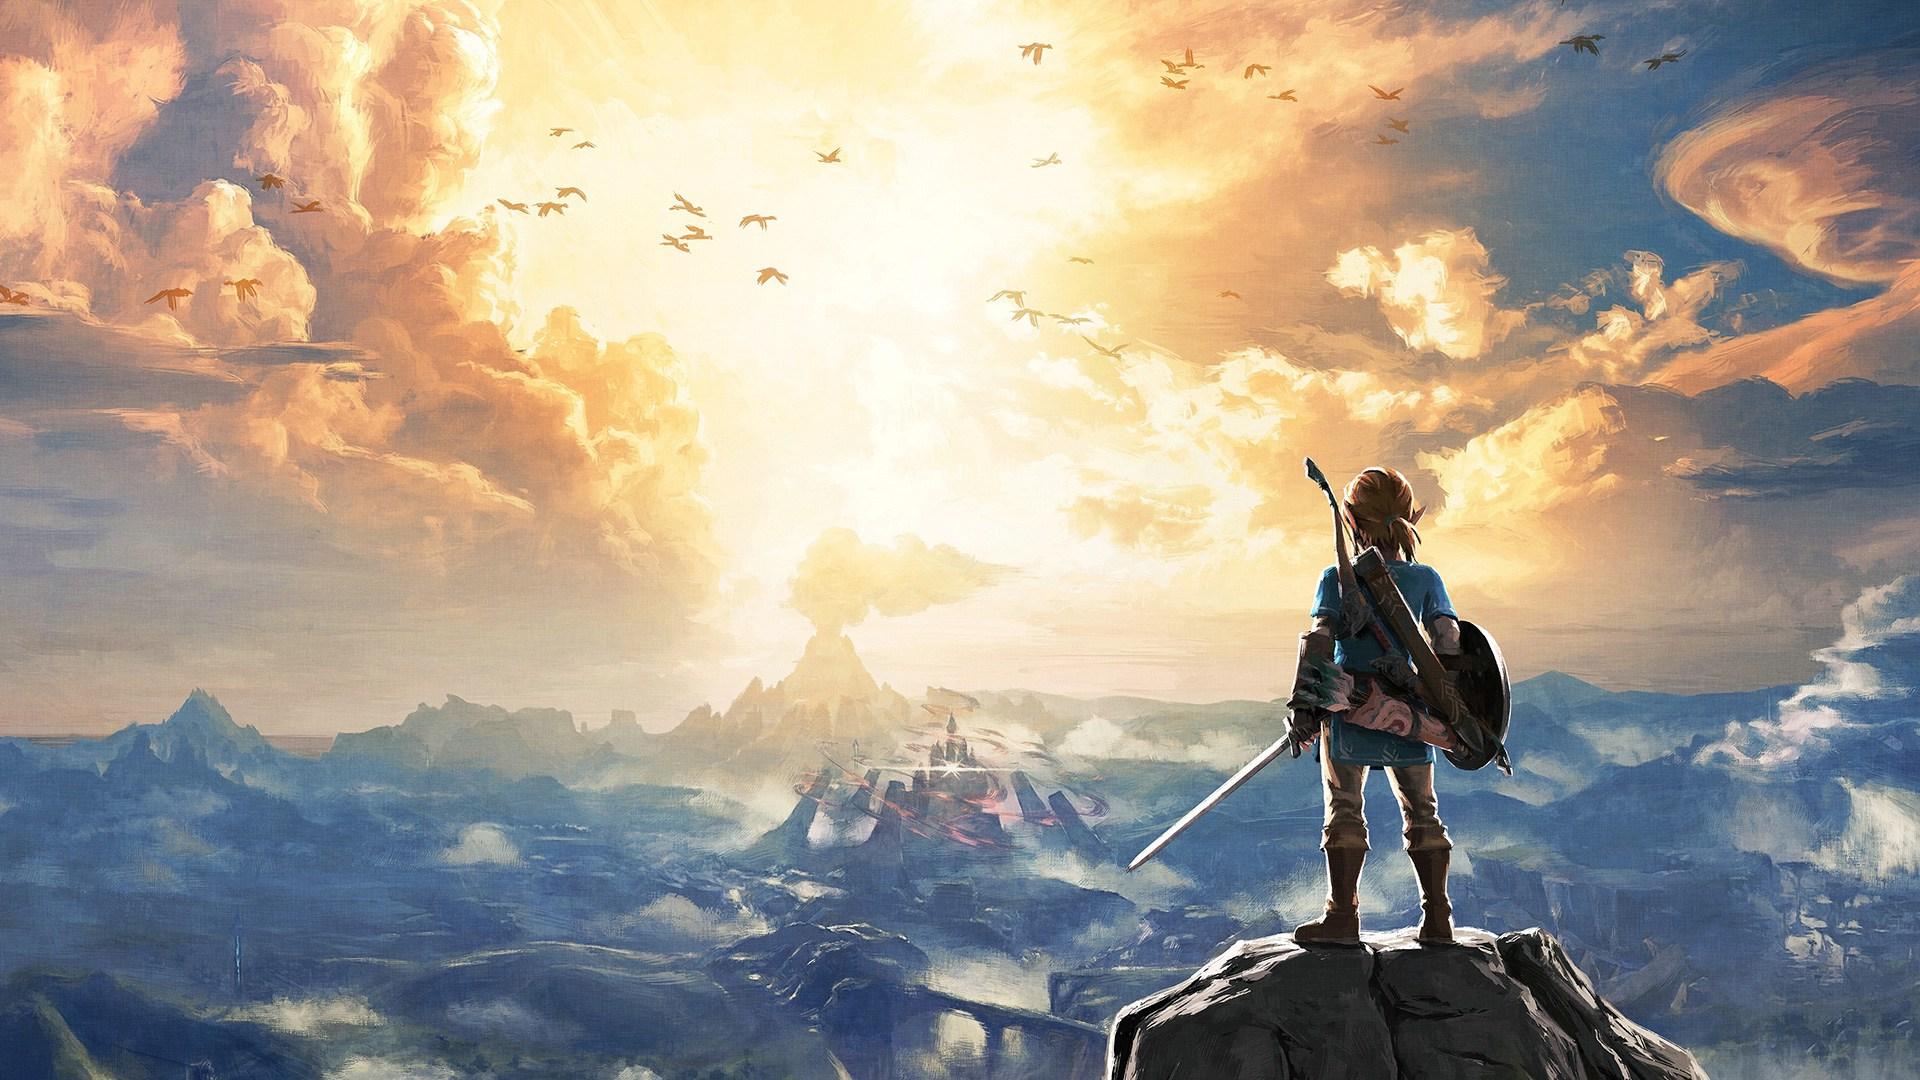 87+ Legend Of Zelda: Breath Of The Wild Wallpapers on ...